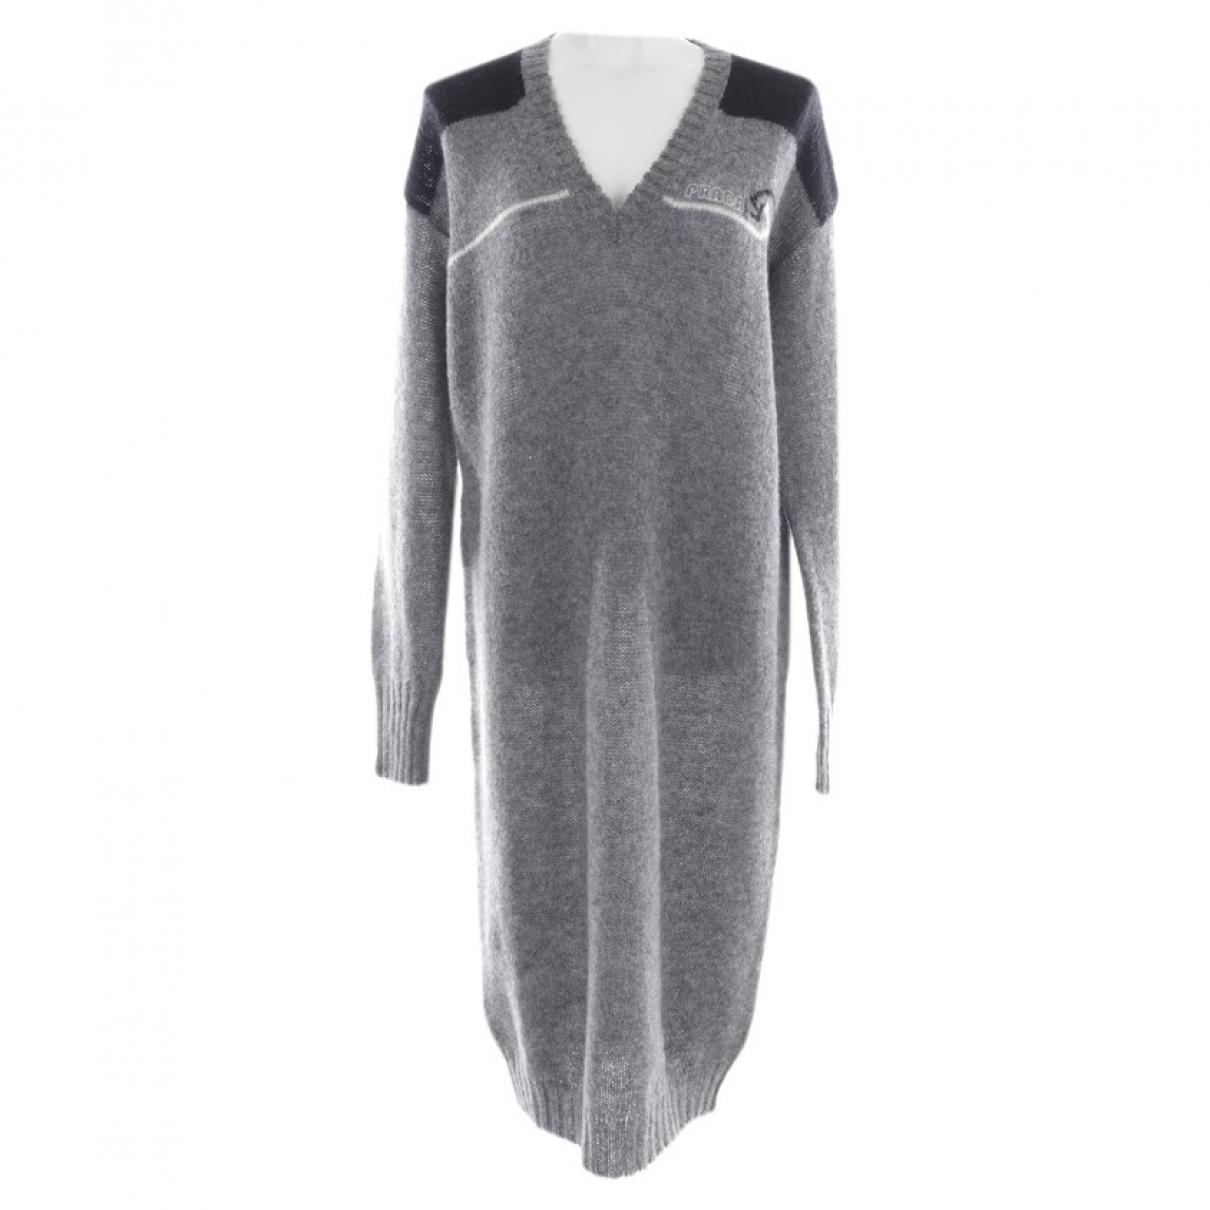 Prada \N Grey Wool dress for Women 36 FR